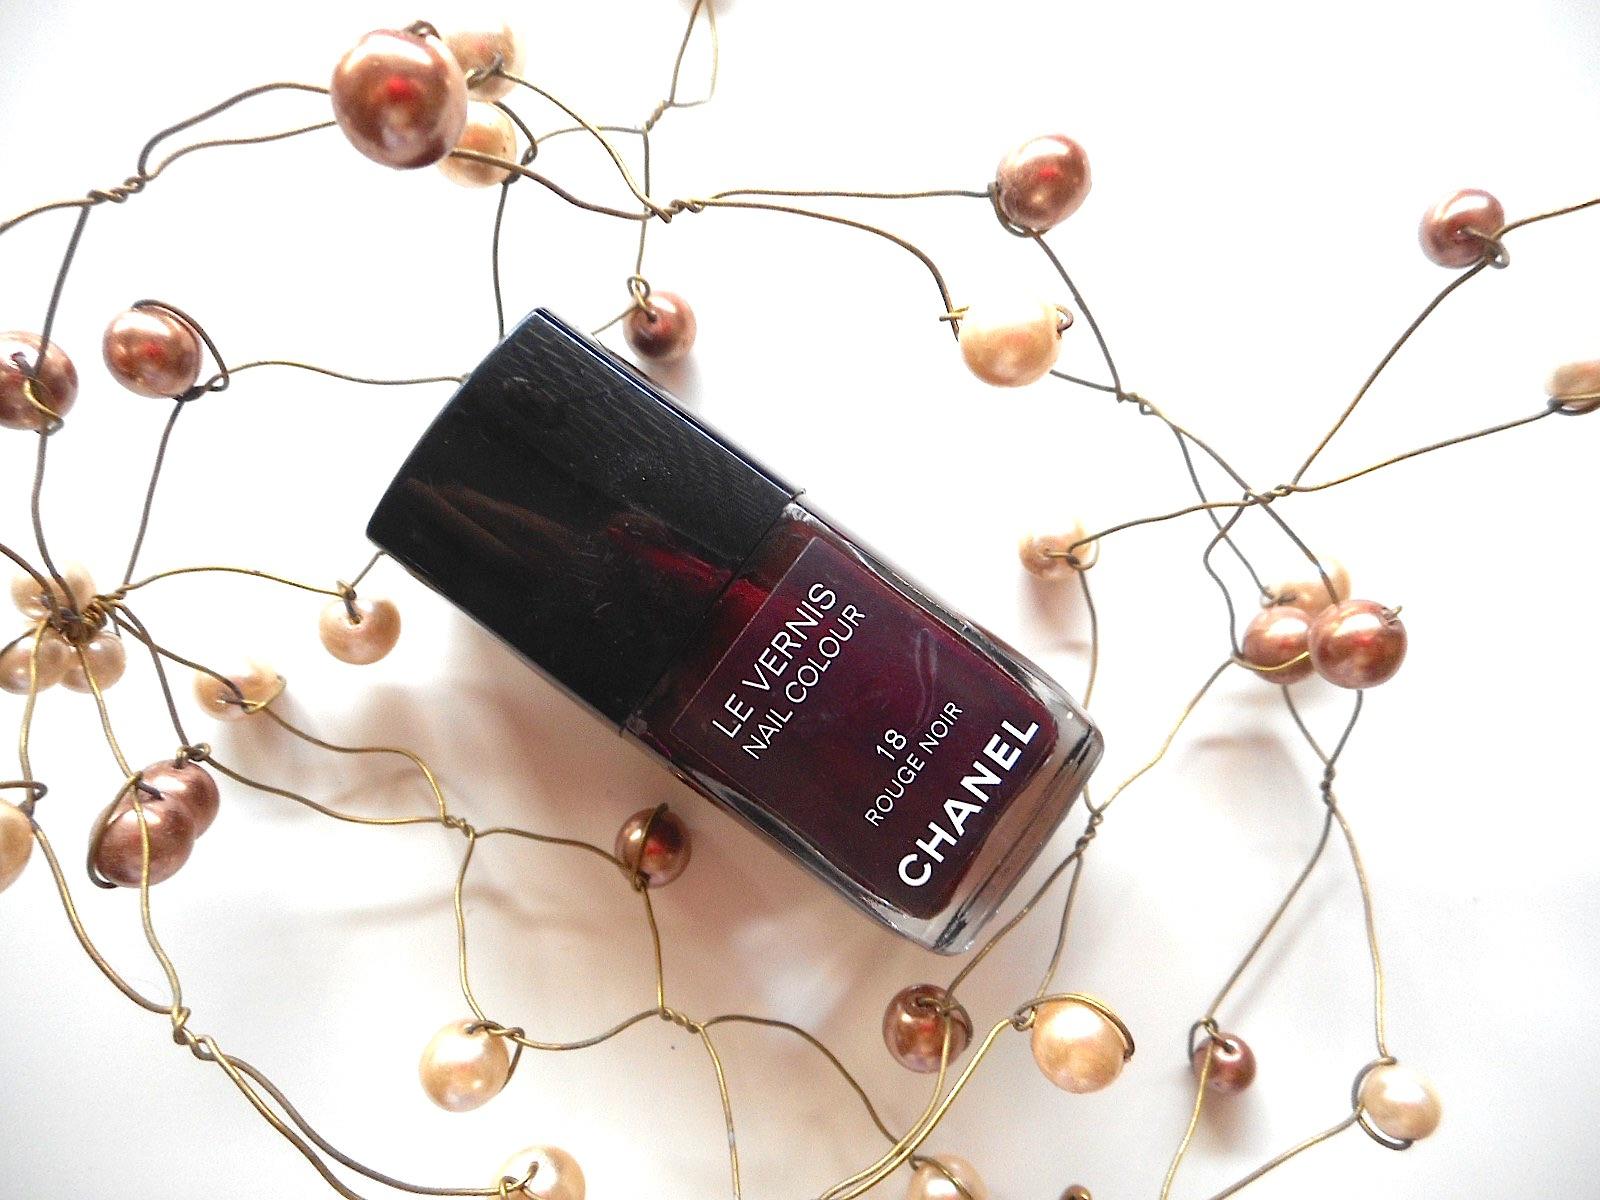 vernis-ongles-rouge-noir-chanel-18-anniversaire-culte-edition-limitee-2015